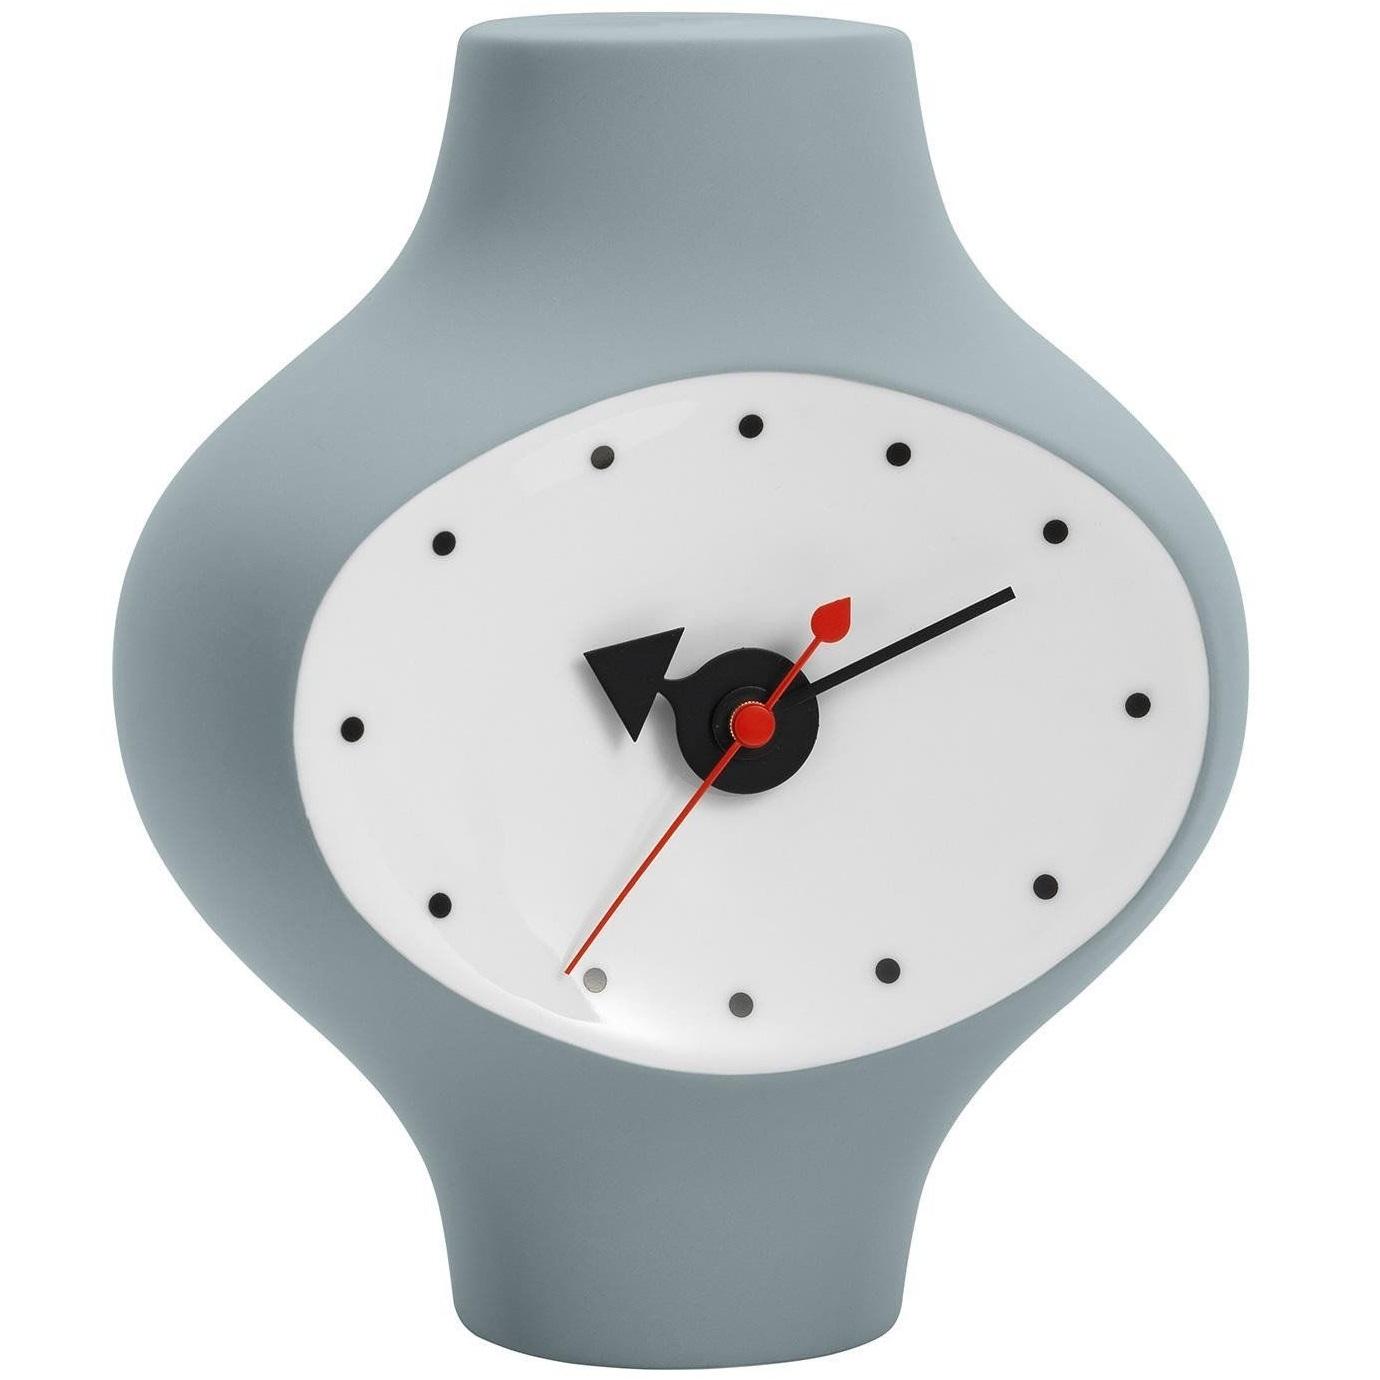 Vitra designové stolní hodiny Ceramic Clock No. 3